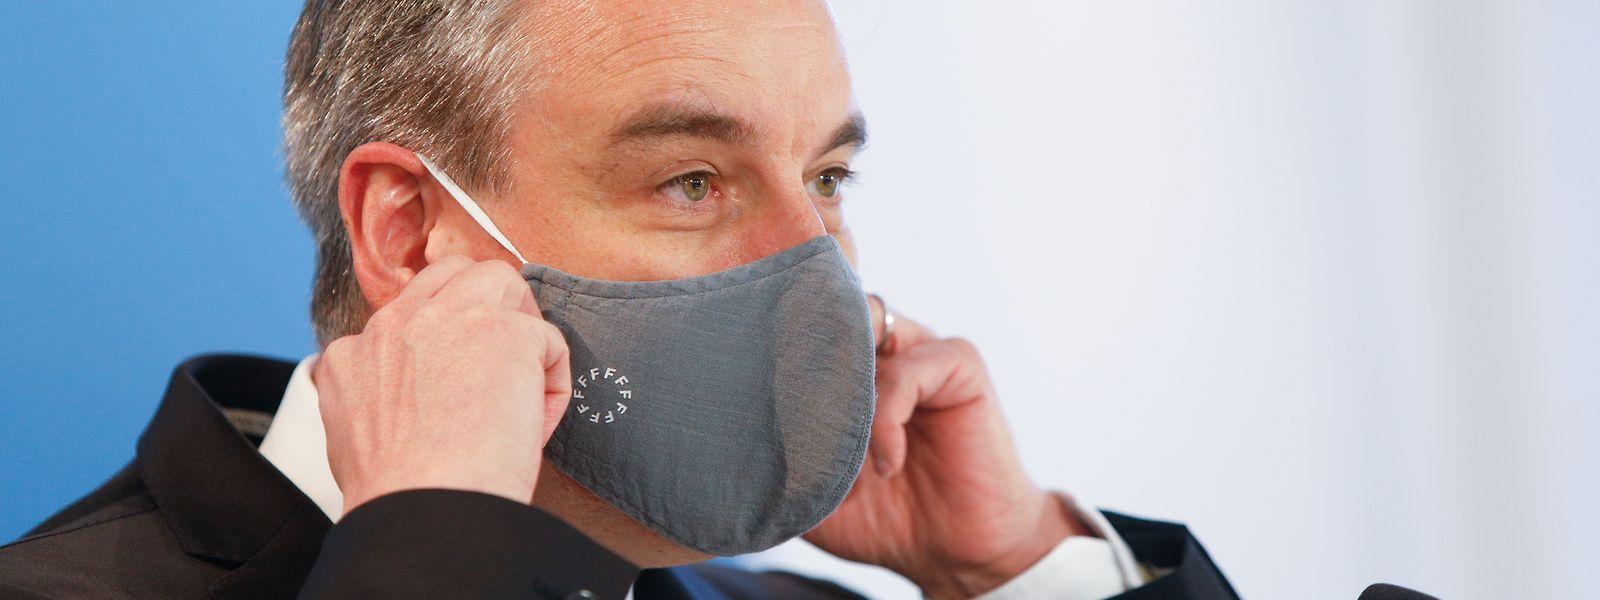 Le ministre de l'Education n'entend pas revenir sur le port du masque obligatoire en classe, au moins jusqu'aux vacances d'été.